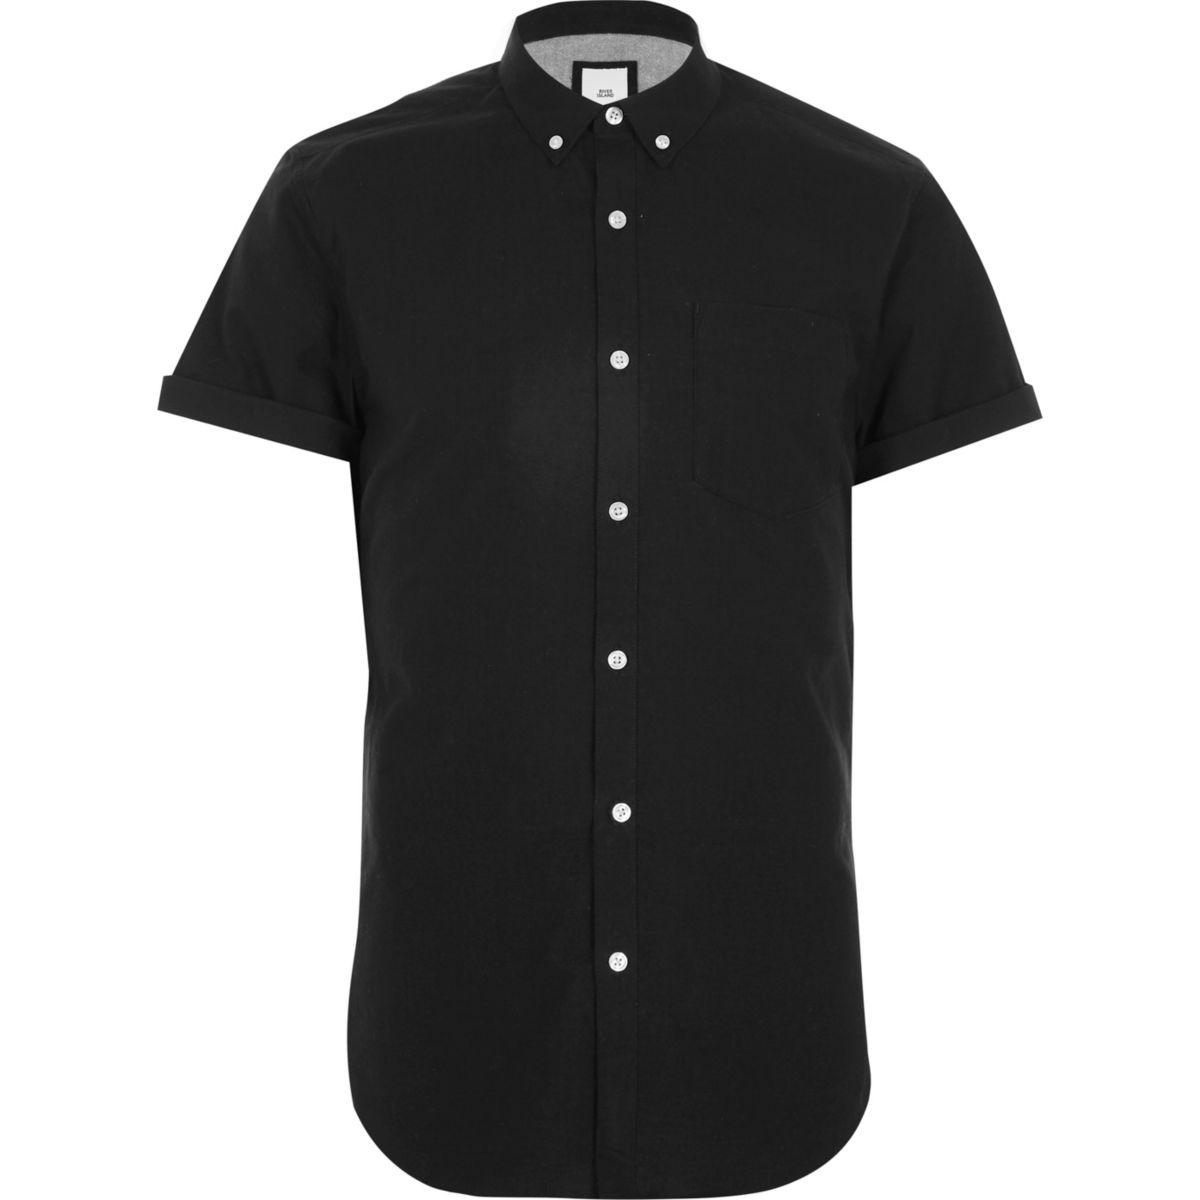 Chemise Oxford noire cintrée à manches courtes